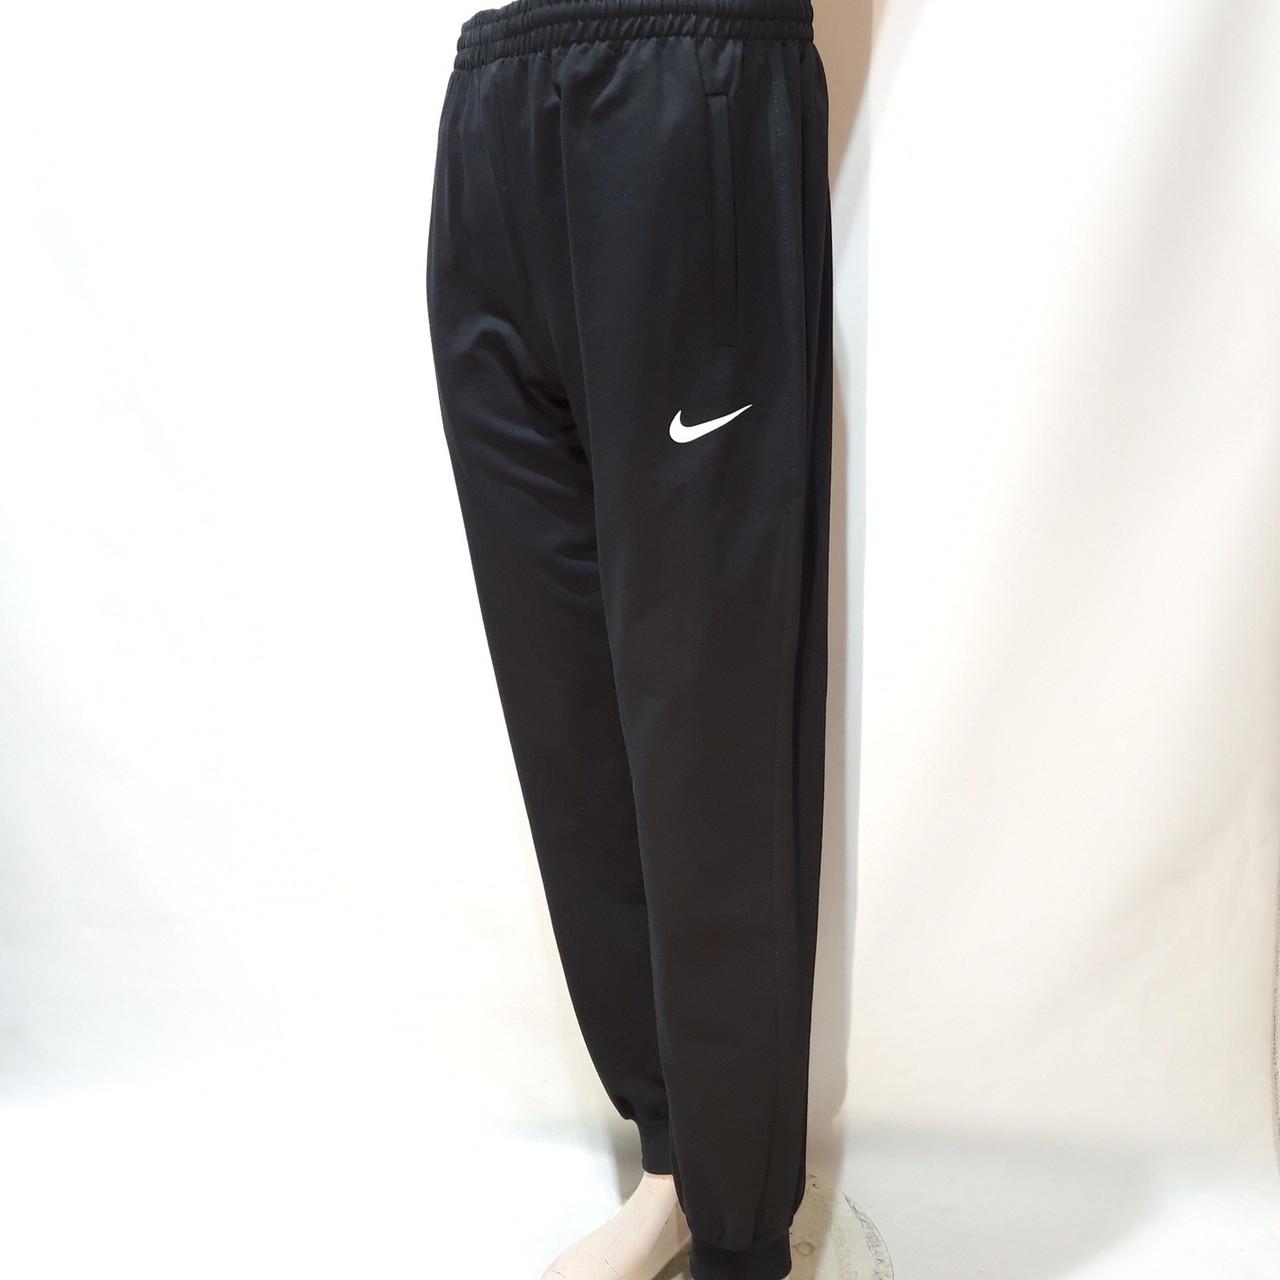 58,62 р. Мужские спортивные штаны (Большие размеры) в стиле Nike Черный